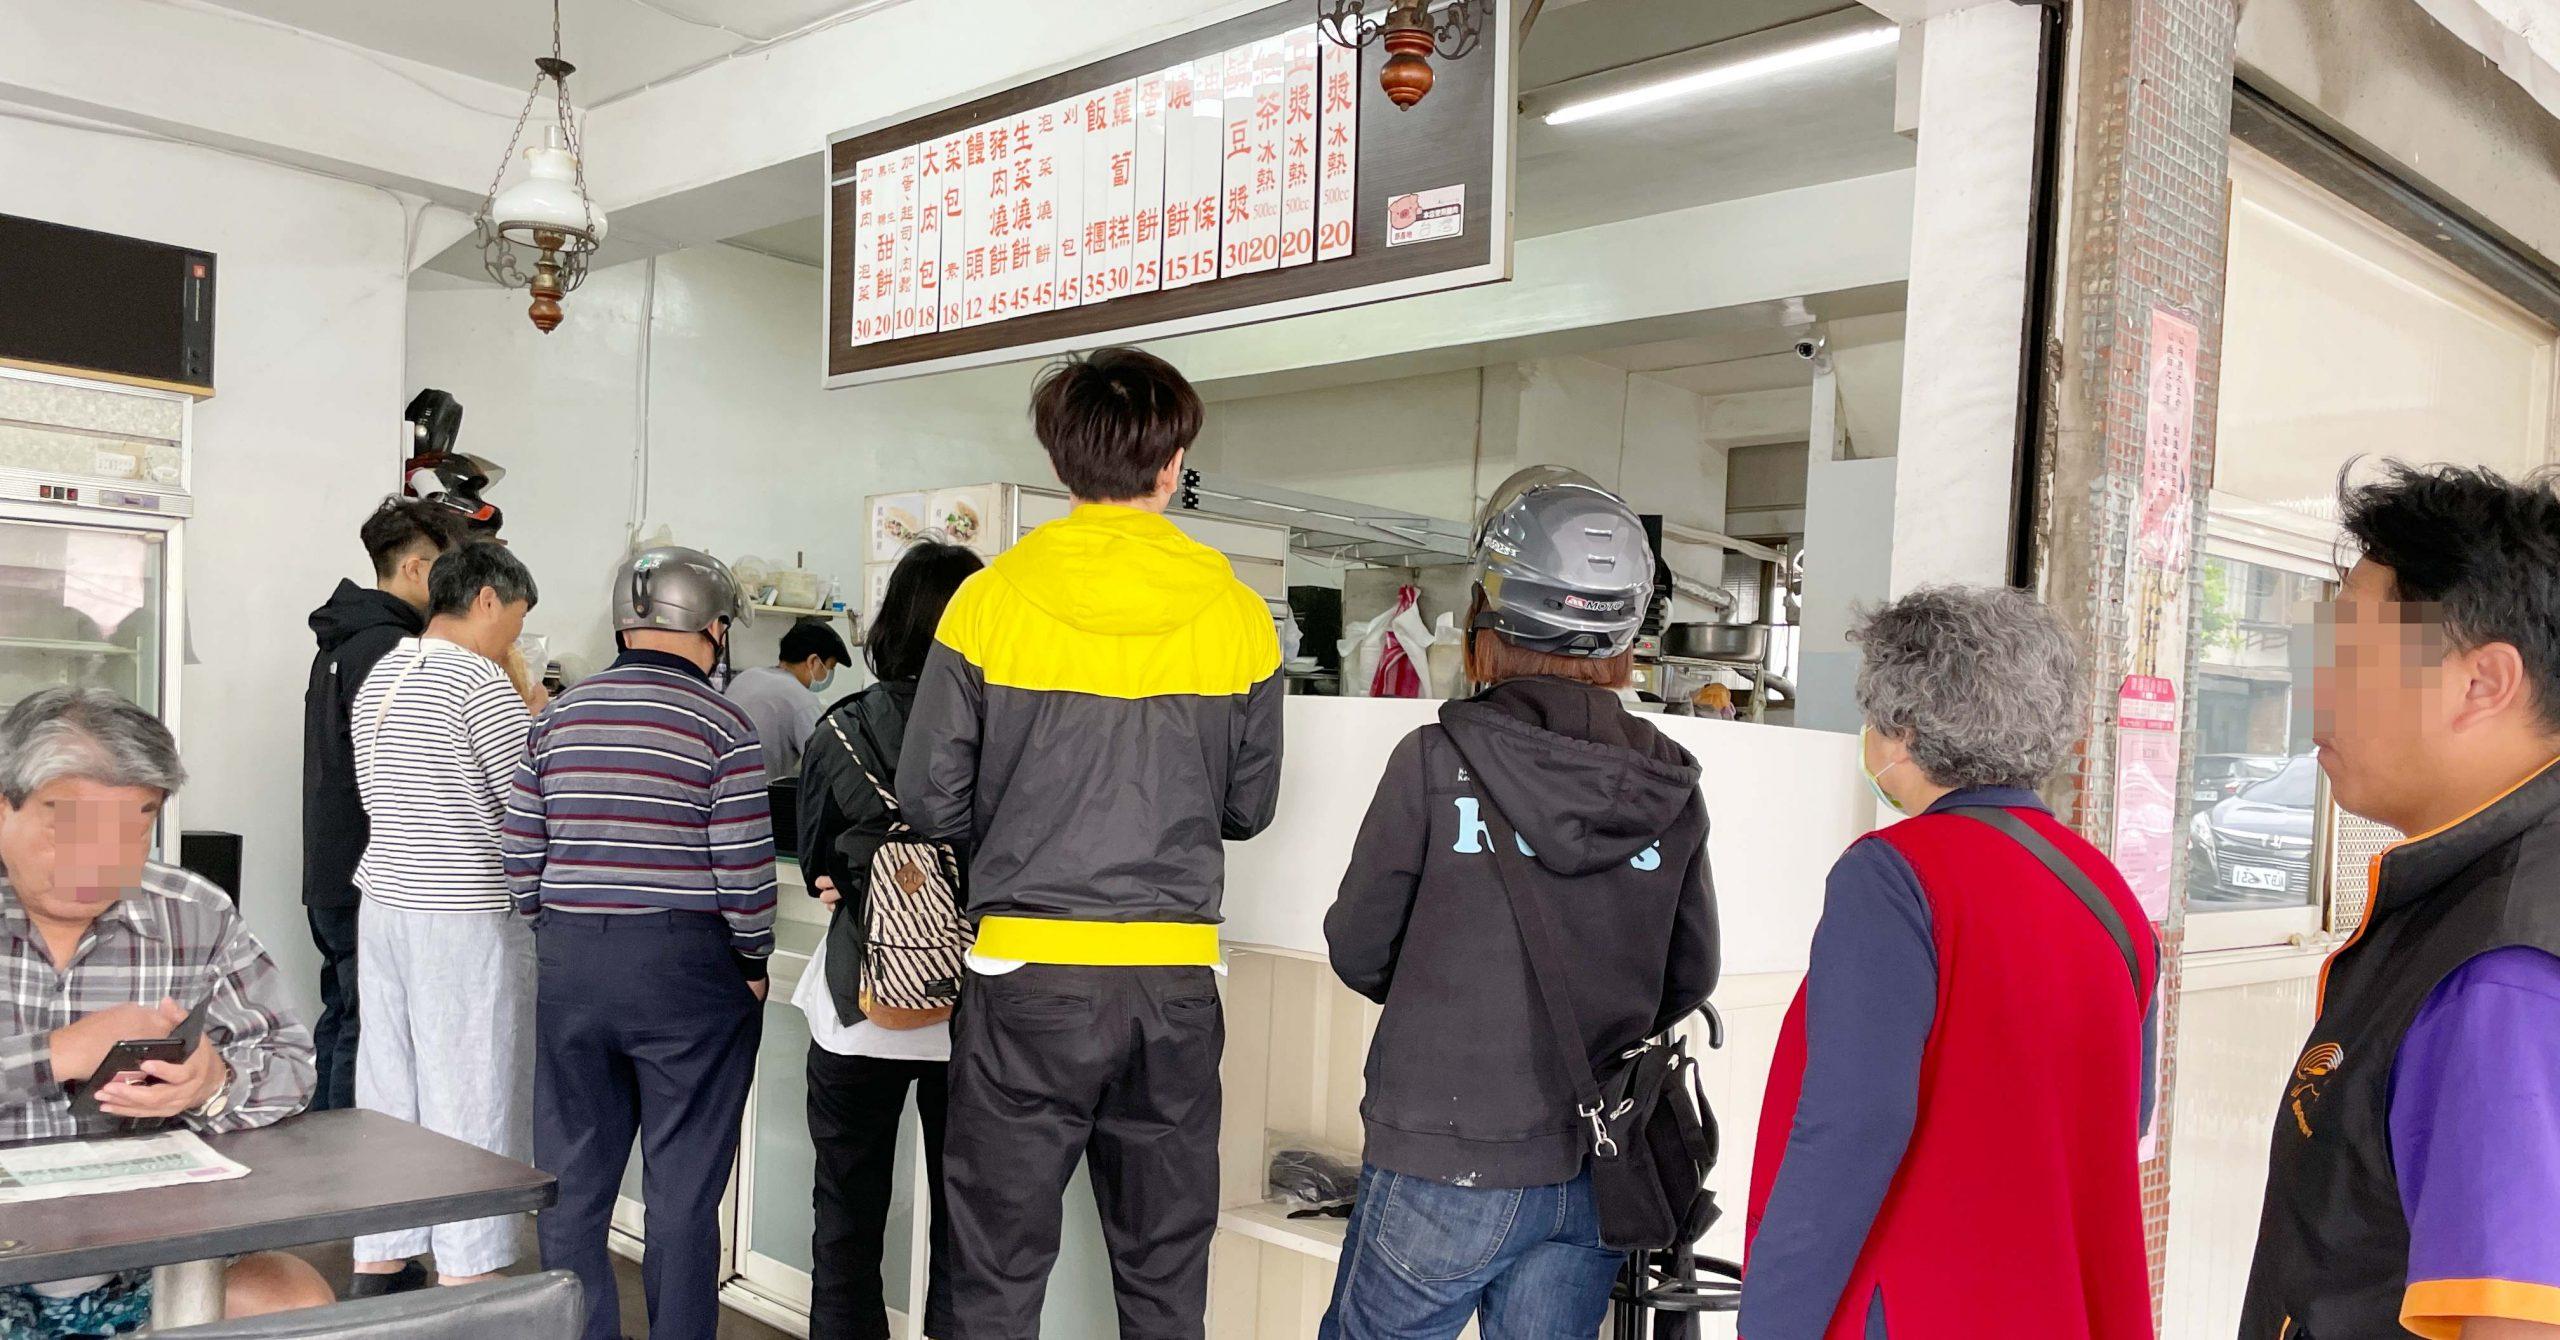 網站近期文章:【石牌美食】早起鳥早餐店,實在不知道在排什麼